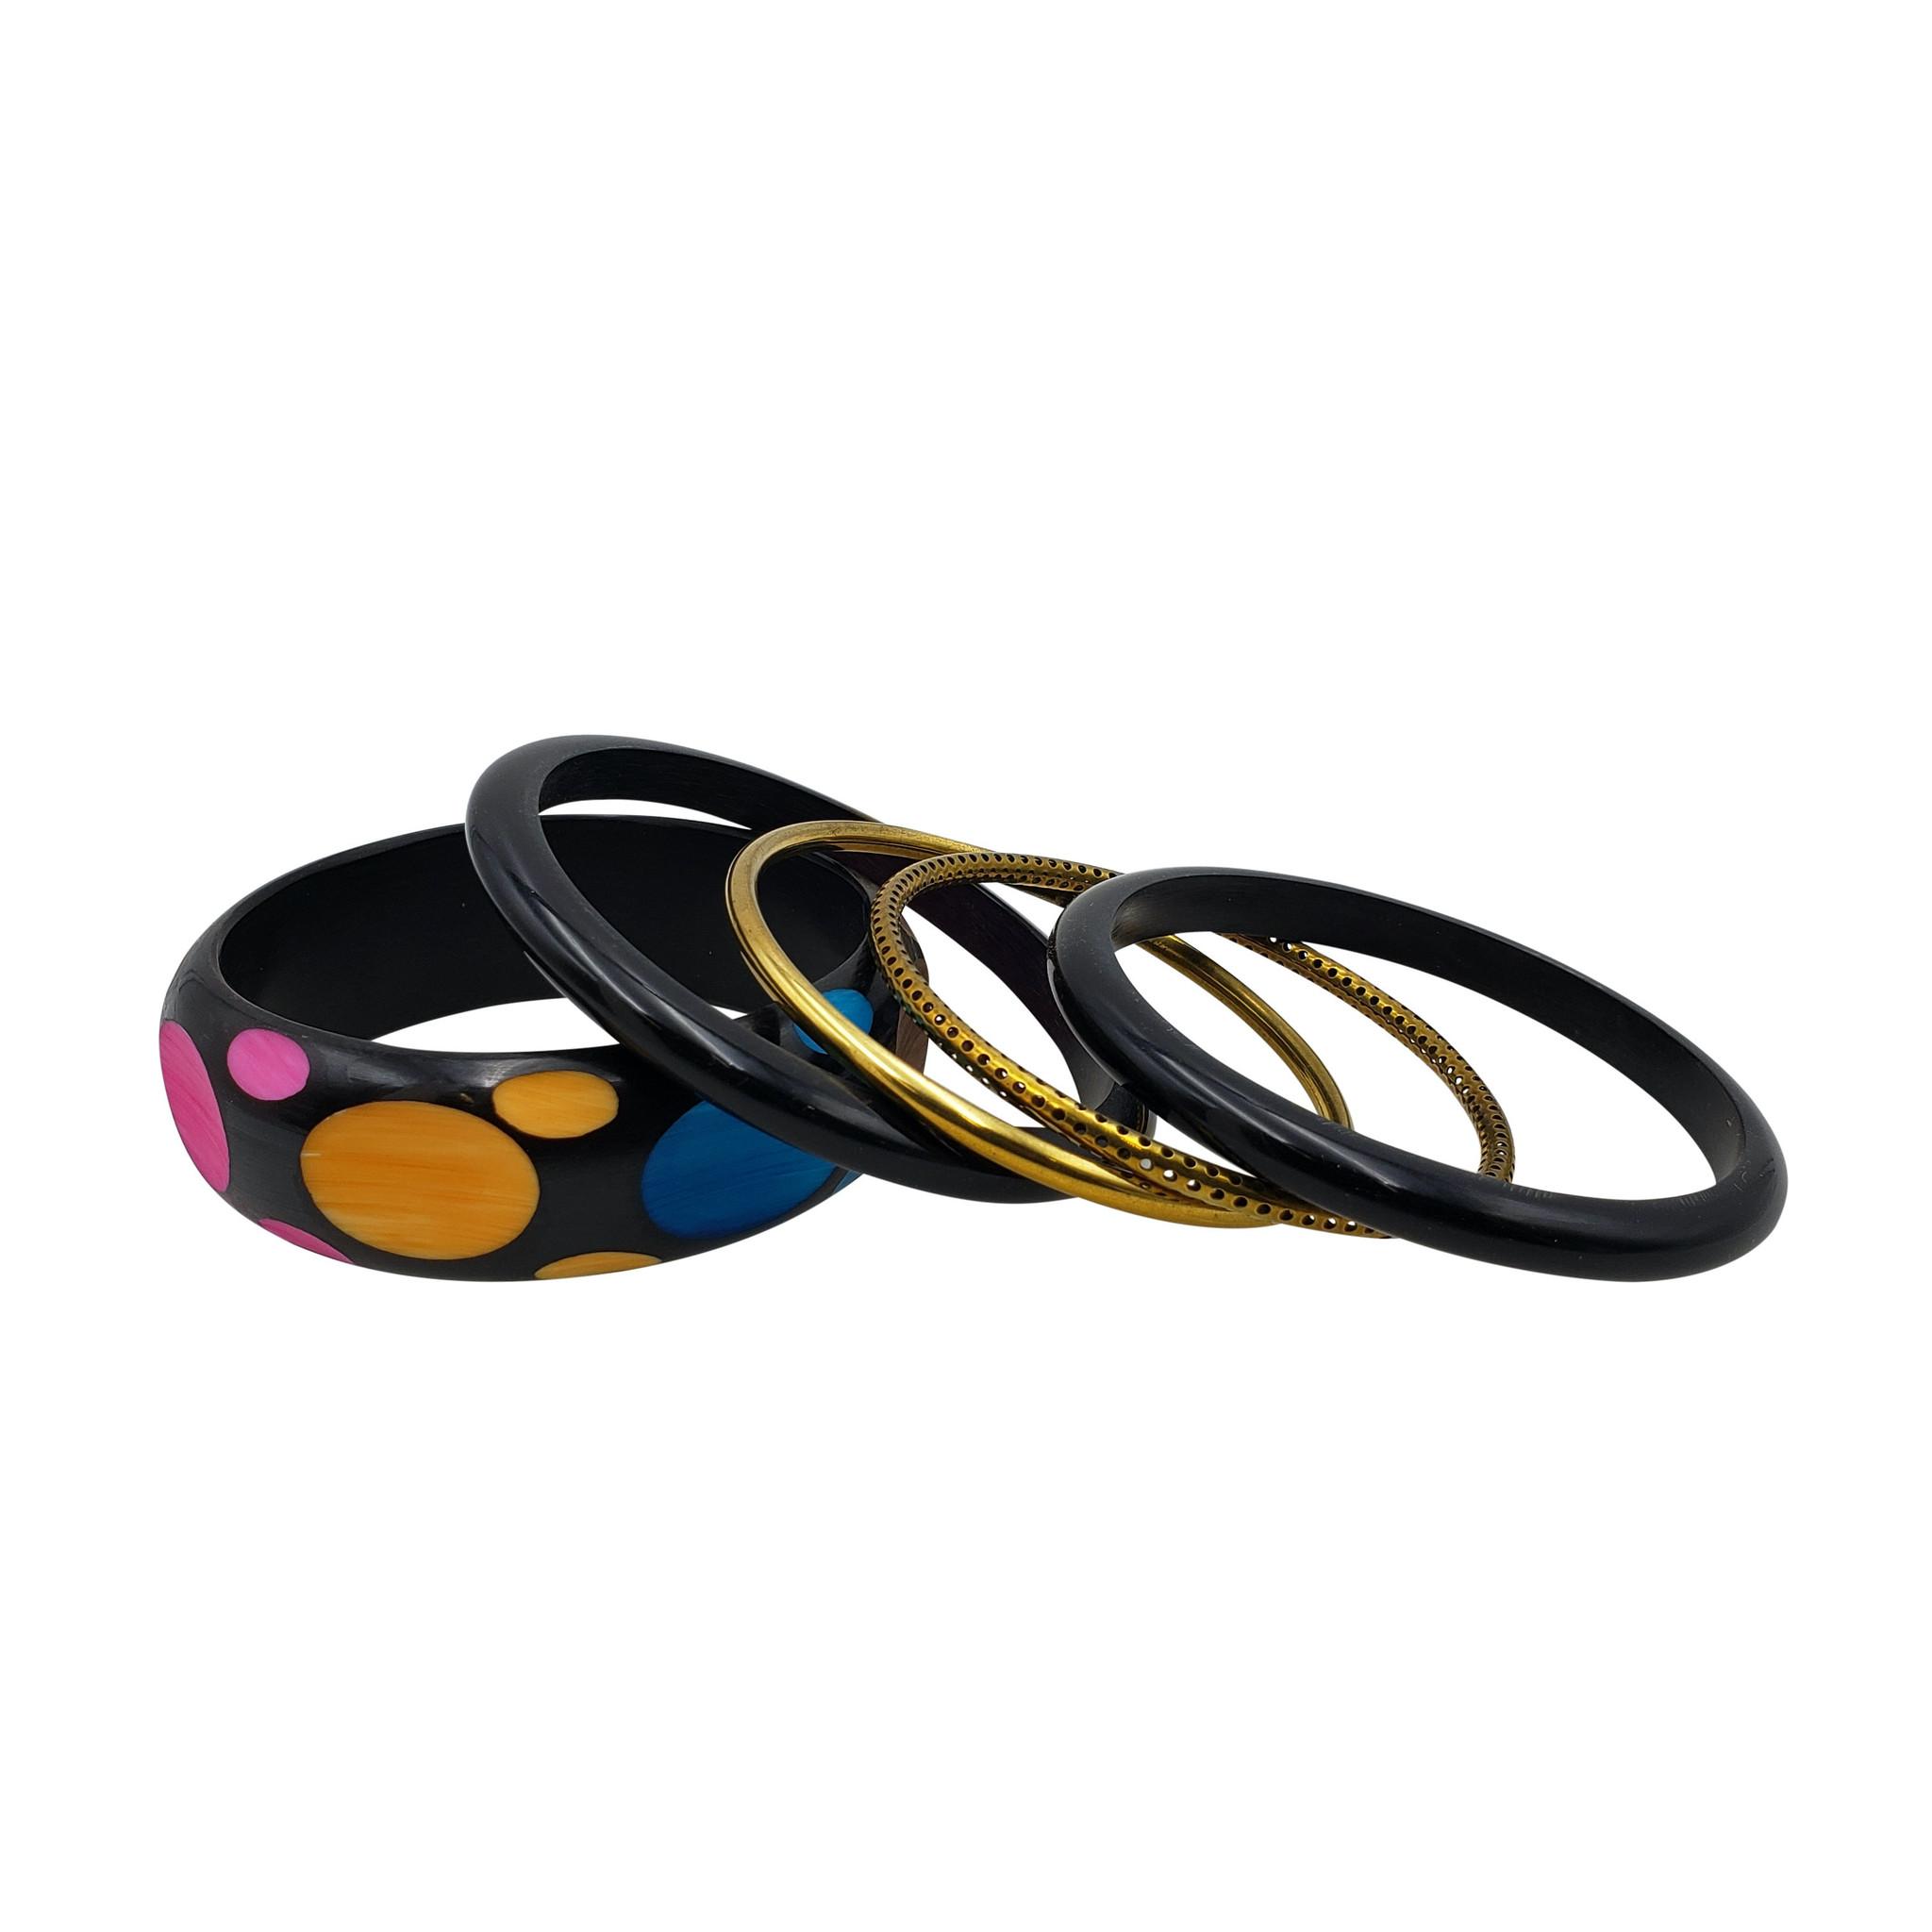 Rani Black & Gold Resin Bangle Set